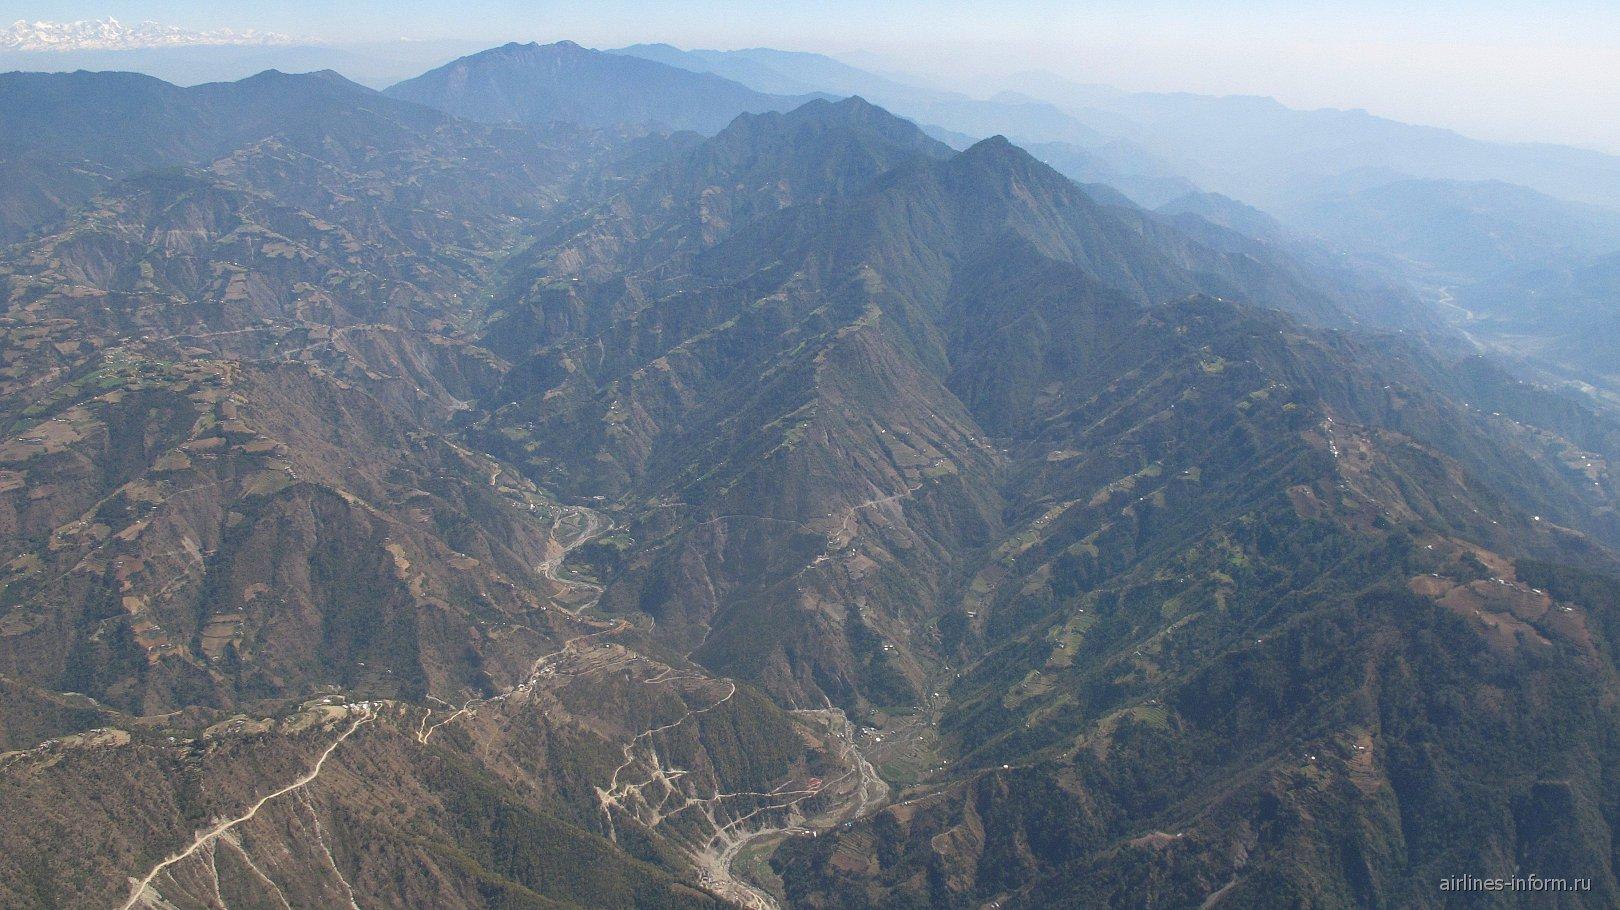 Гималайские горы вблизи Катманду